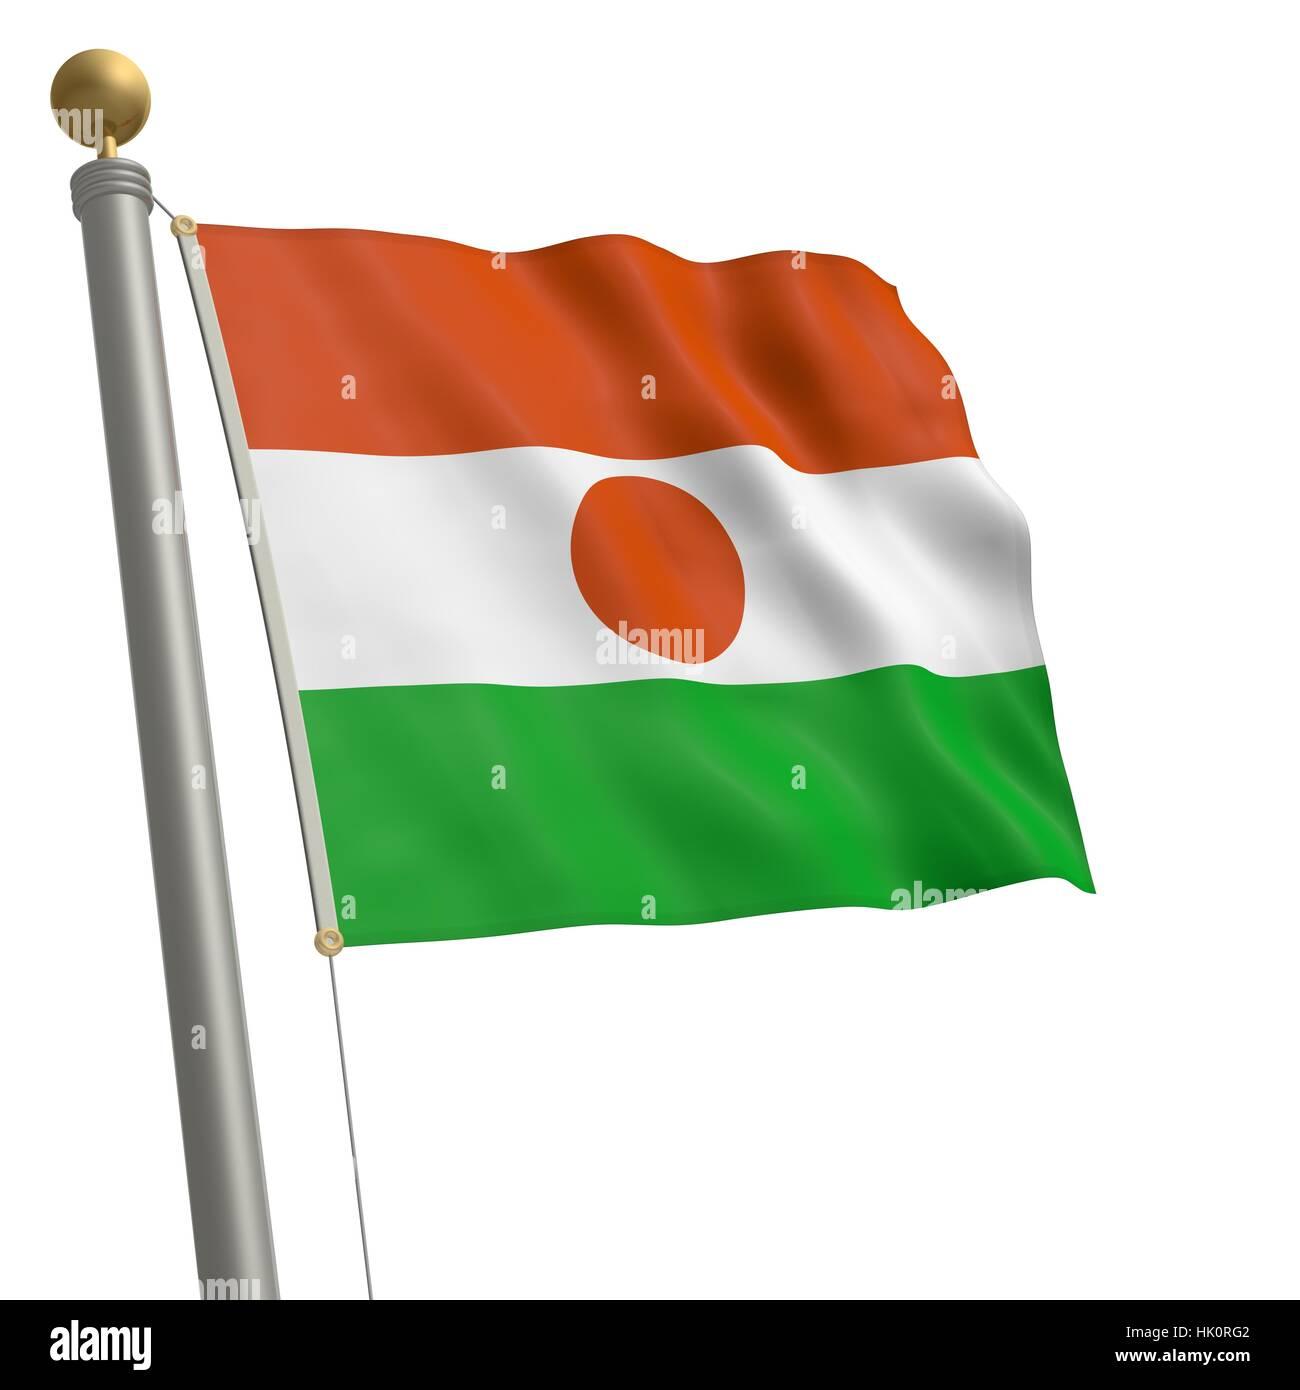 Großartig Afrika Flagge Färbung Seite Bilder - Malvorlagen-Ideen ...